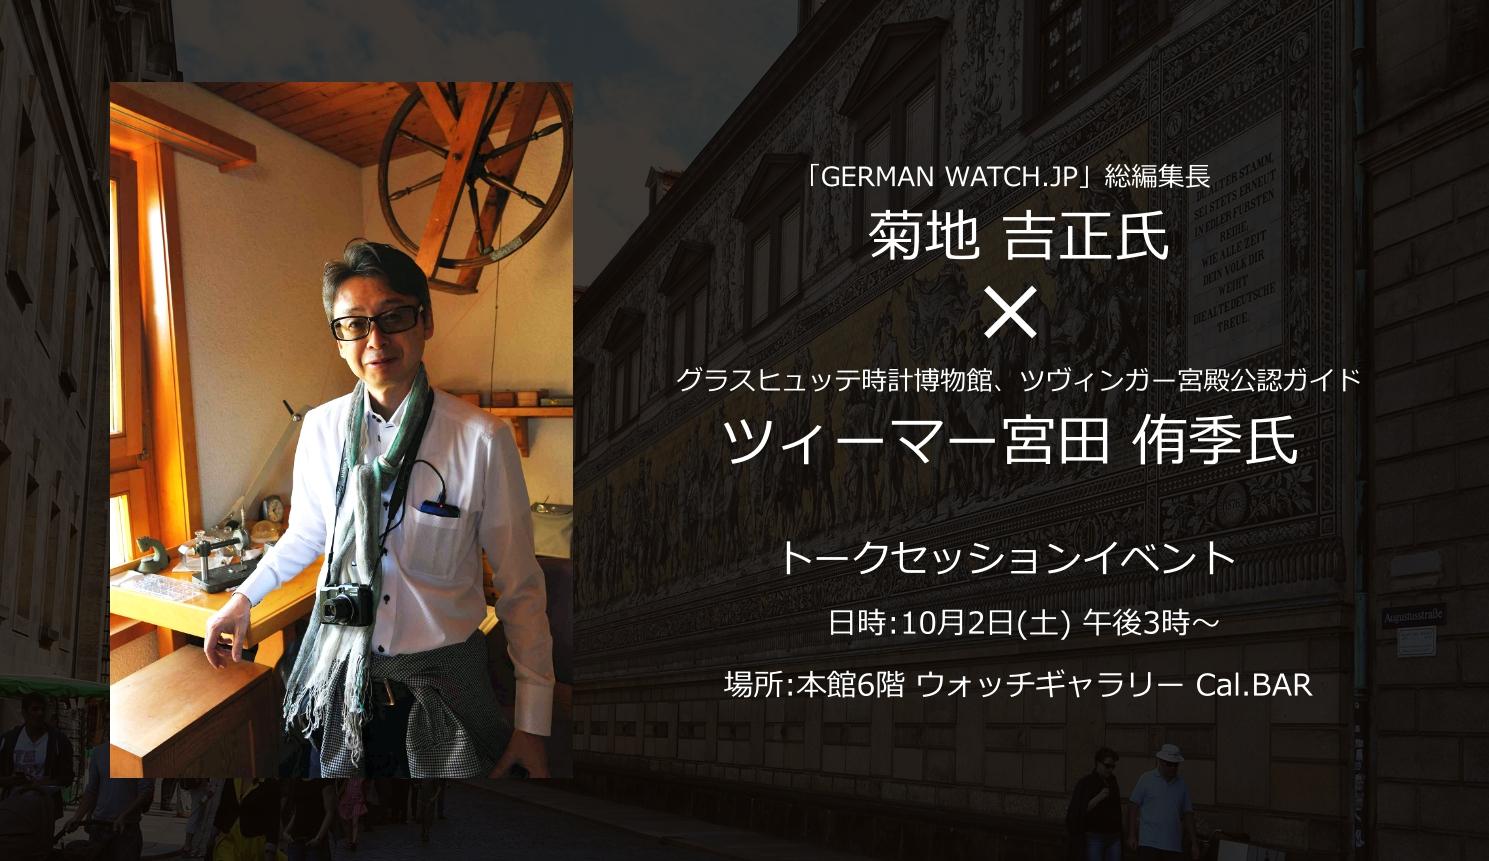 菊地吉正氏  × ツィーマー宮田侑季氏 2名によるトークセッションイベント開催